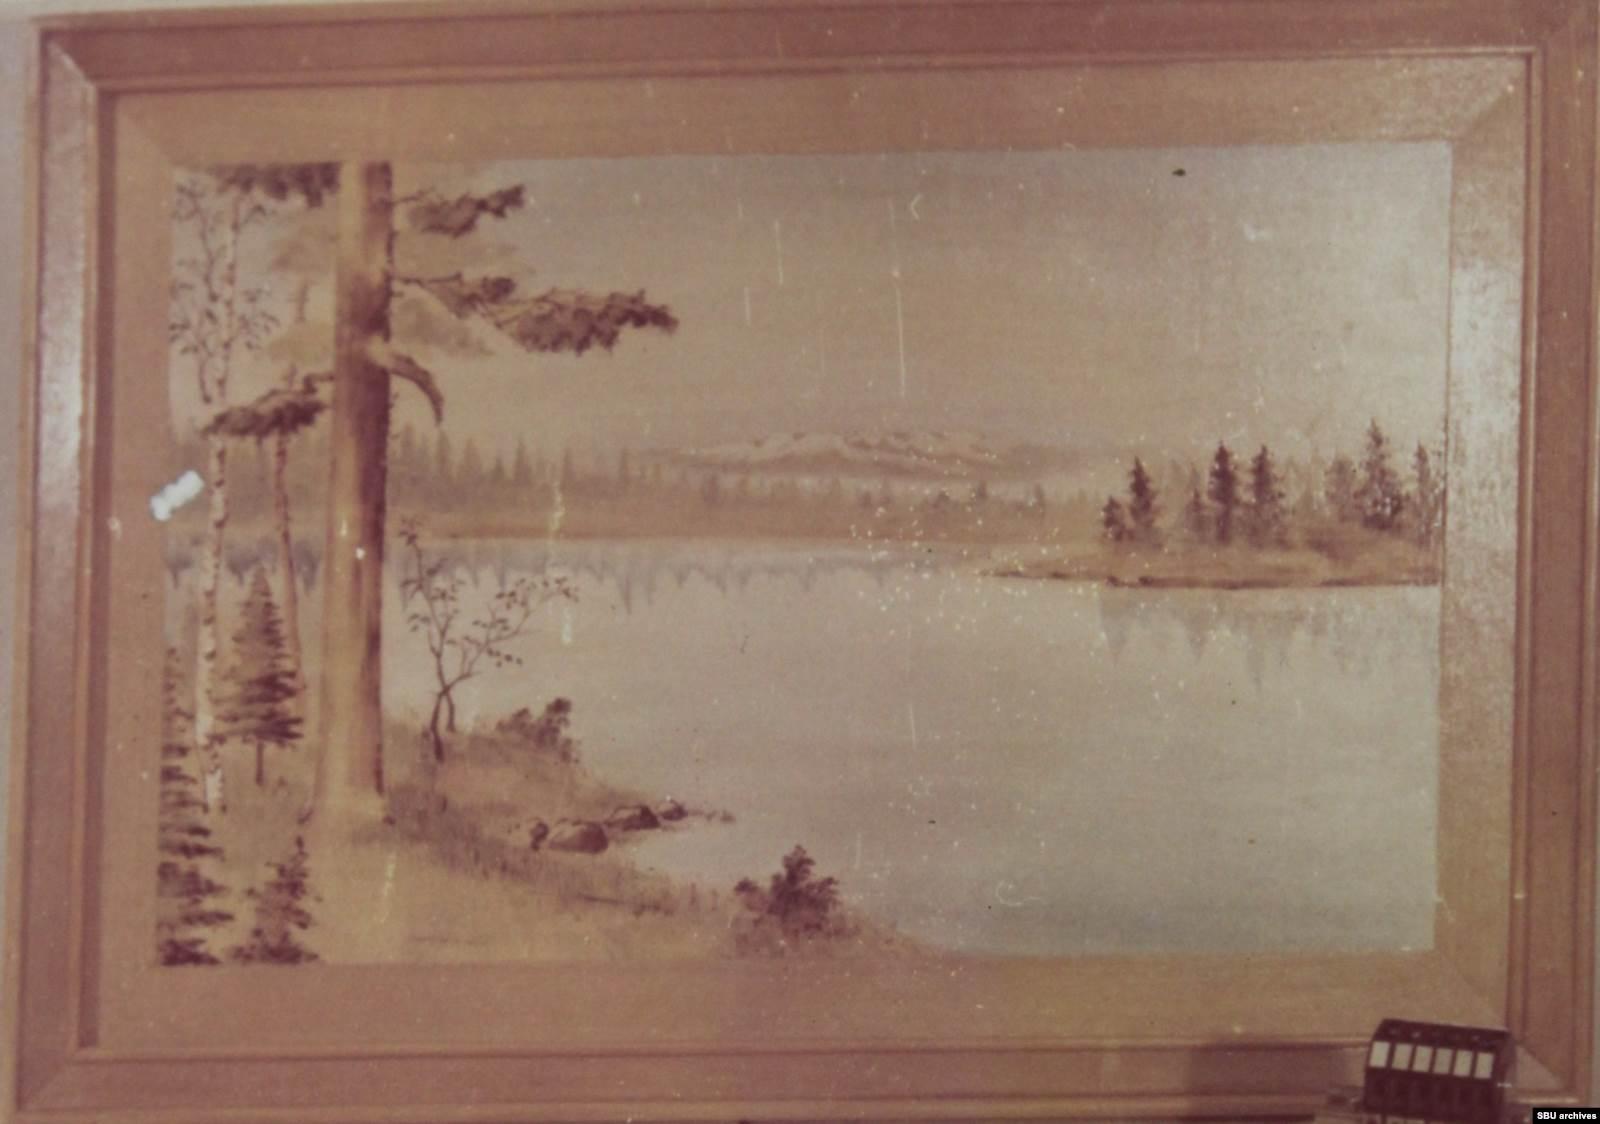 Подаренная Пушкарю картина. На заднем плане изображена гора Пэктусан — один из символов КНДР. Фото из уголовного дела